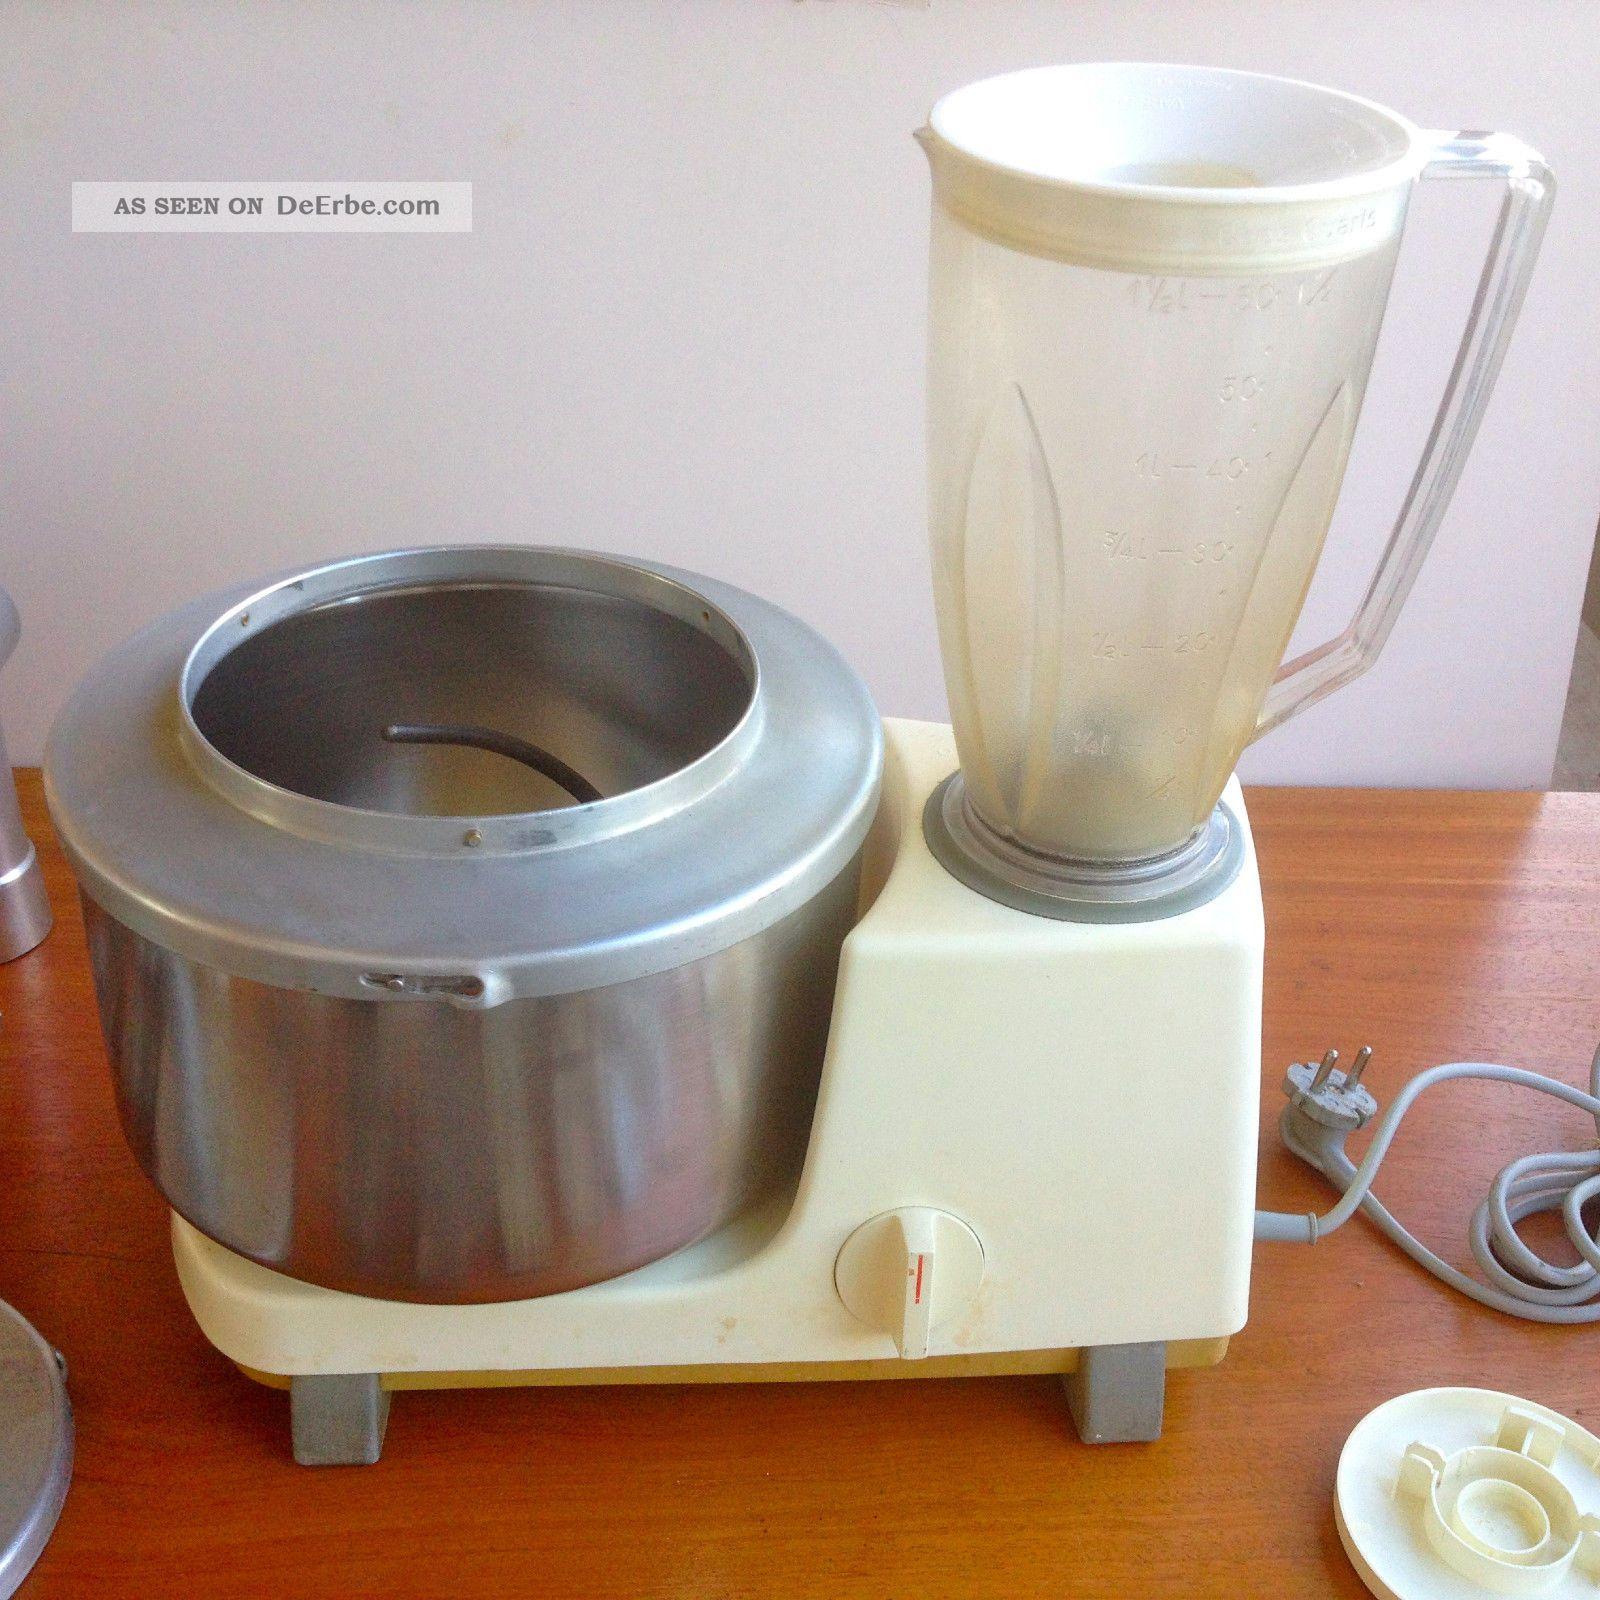 Bosch Universal Iii Kuchenmaschine Mit Viel Zubehor Unkaputtbar